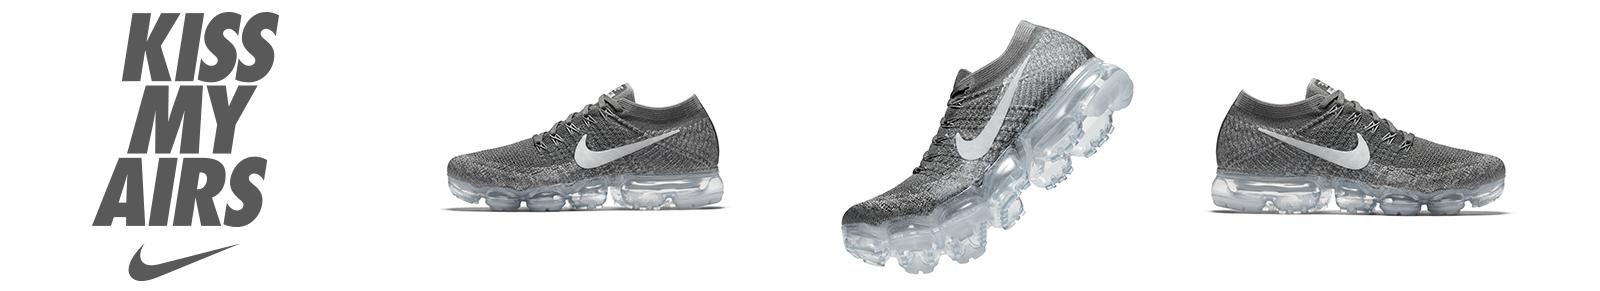 9782a46fe252 O lançamento oficial do Nike Air Vapormax Asphalt acontece hoje na gringa